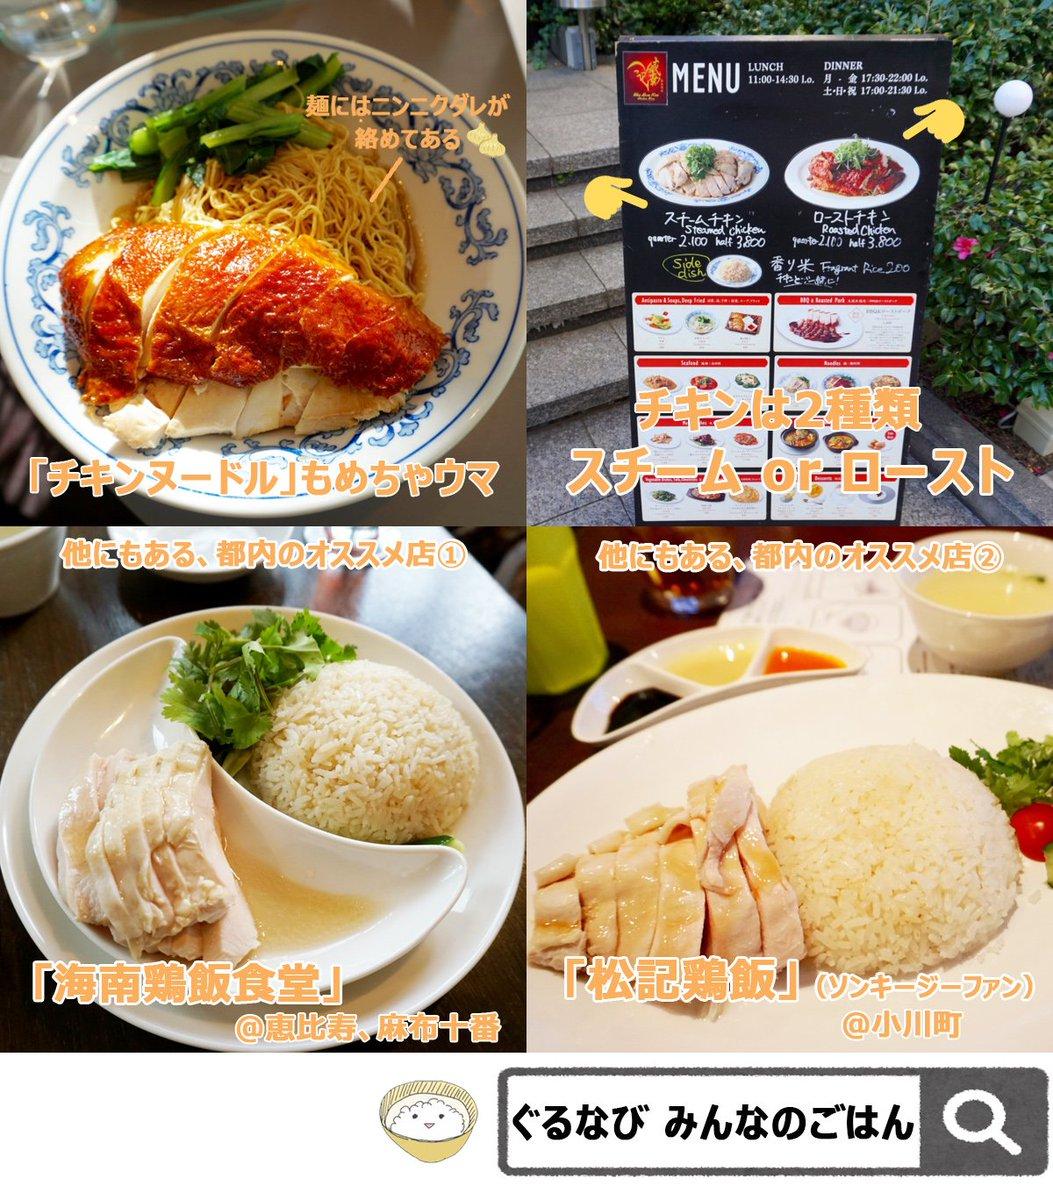 【 #白ごはんがすすむグルメ記事 】 カオマンガイ、海南鶏飯、チキンライスといろんな呼び方がありますが、あれめちゃウマいですよね… 元東南アジア在住者が本気でオススメする都内のお店はこちらです